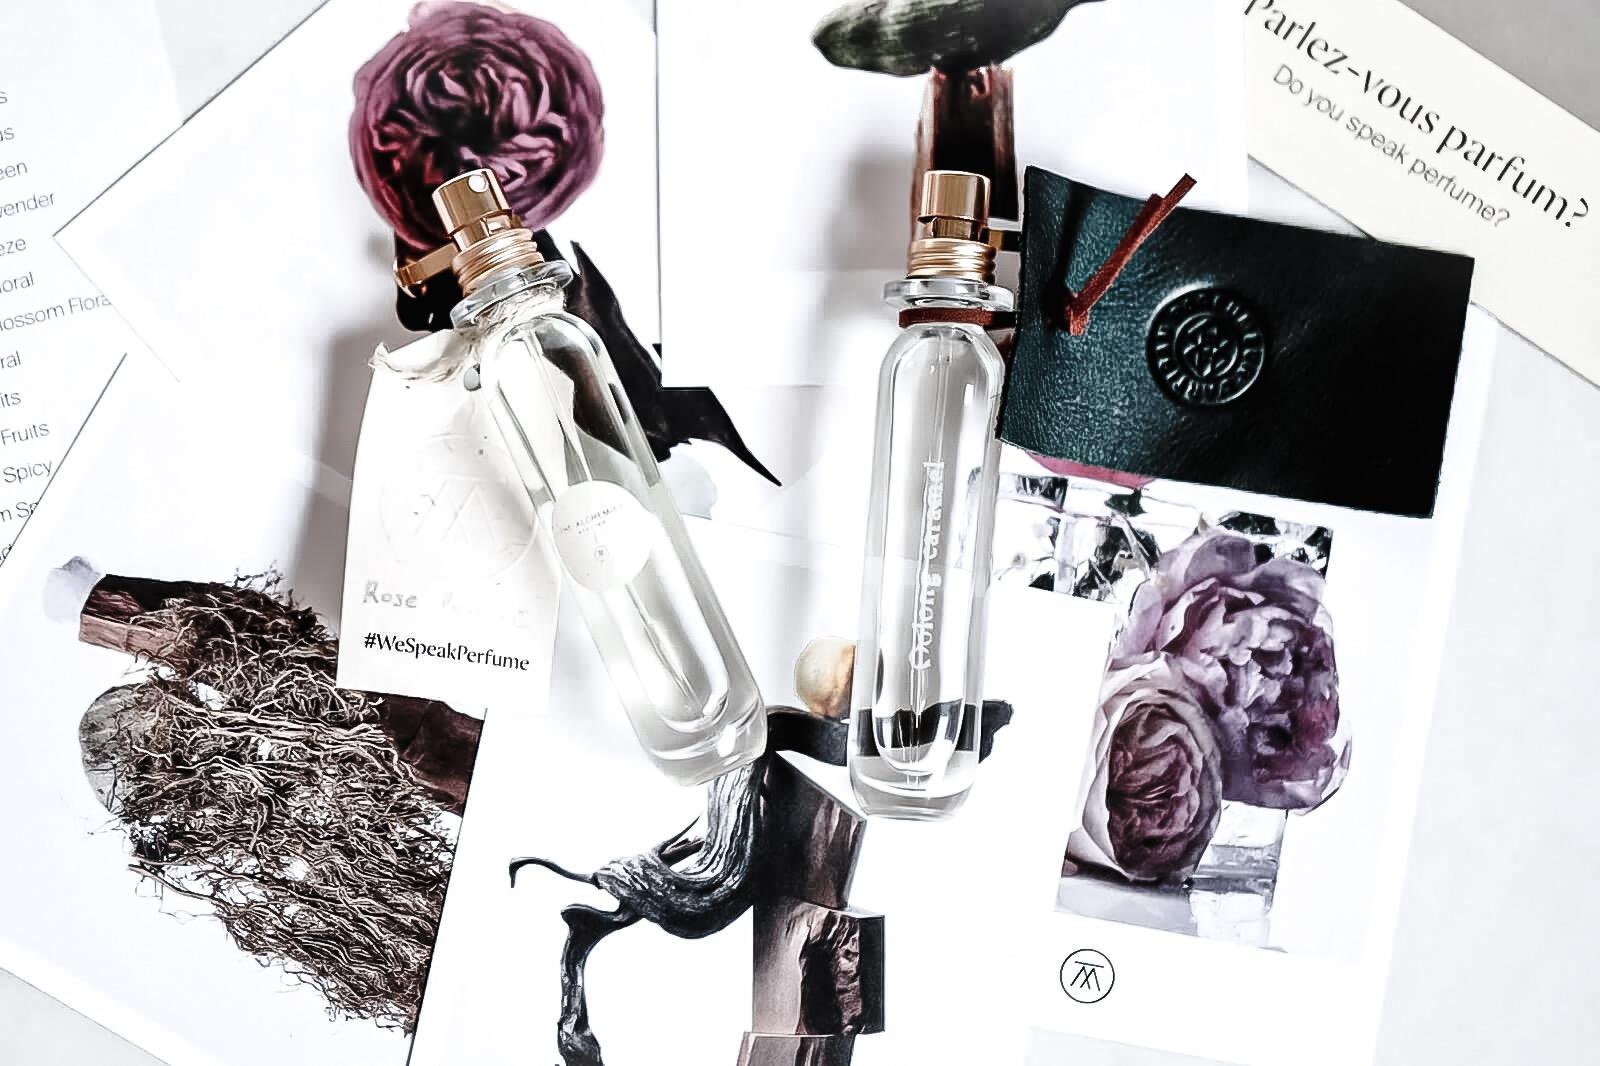 the-alchemist-lartisan-parfumeur-creation-de-parfum-sur-mesure-avis-test